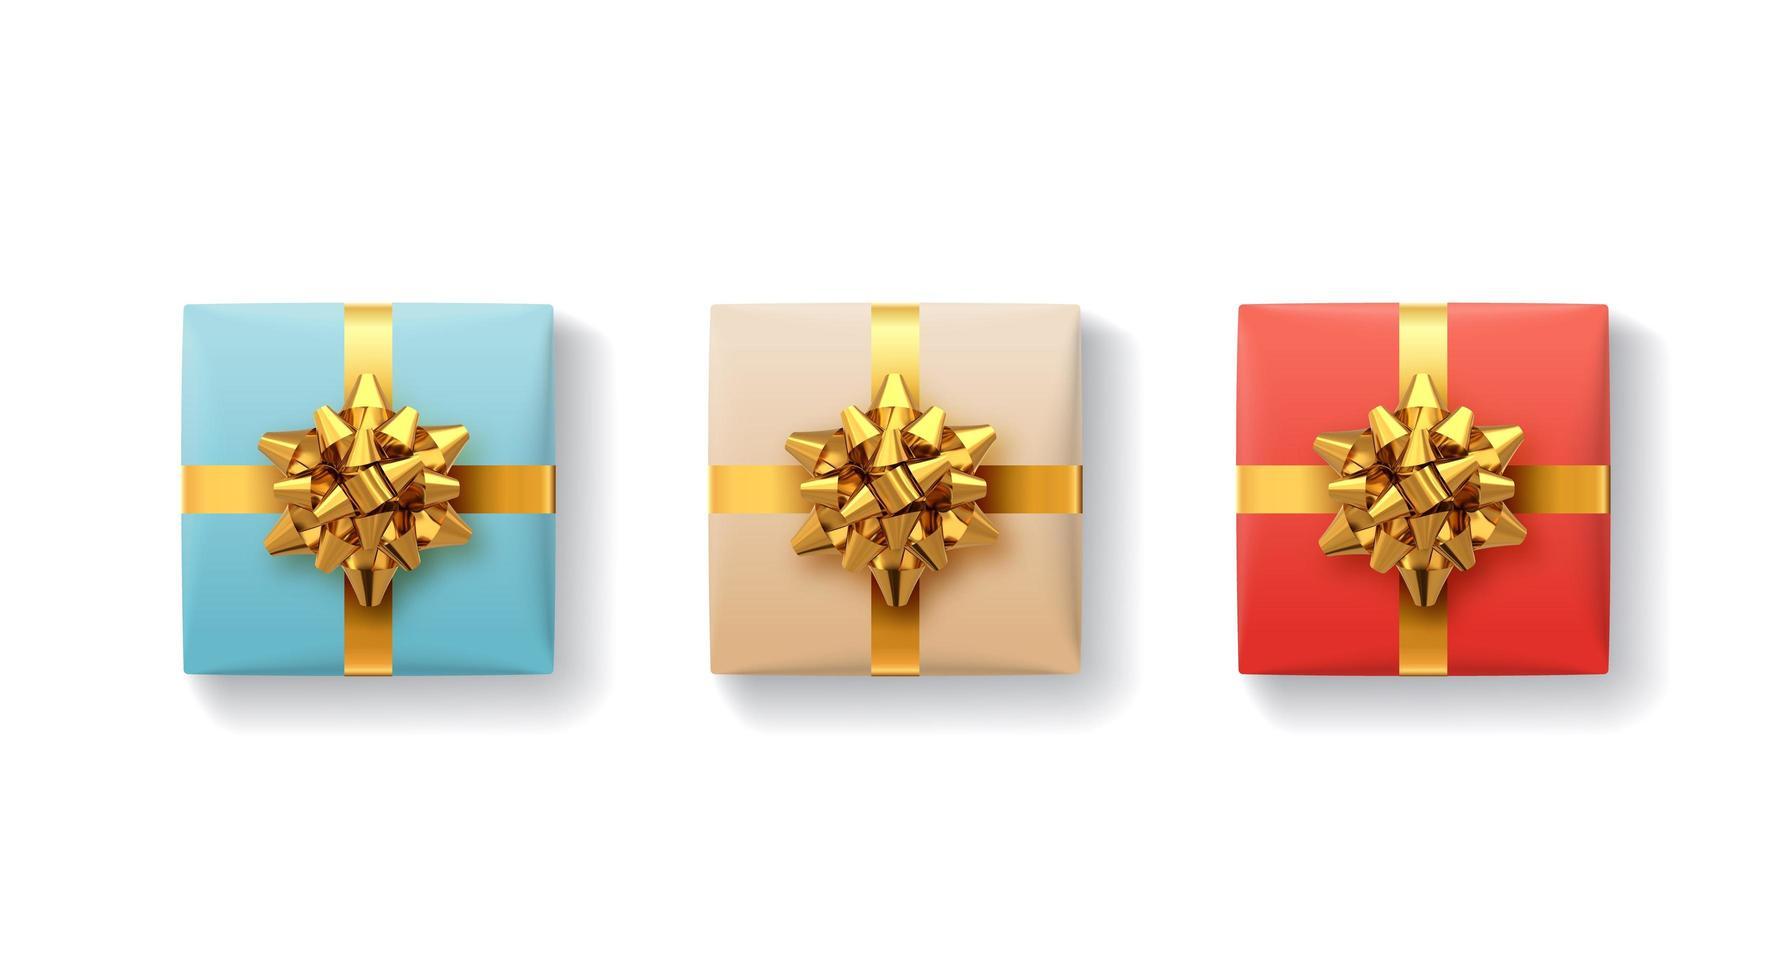 Geschenkboxen mit Bändern und Schleife vektor